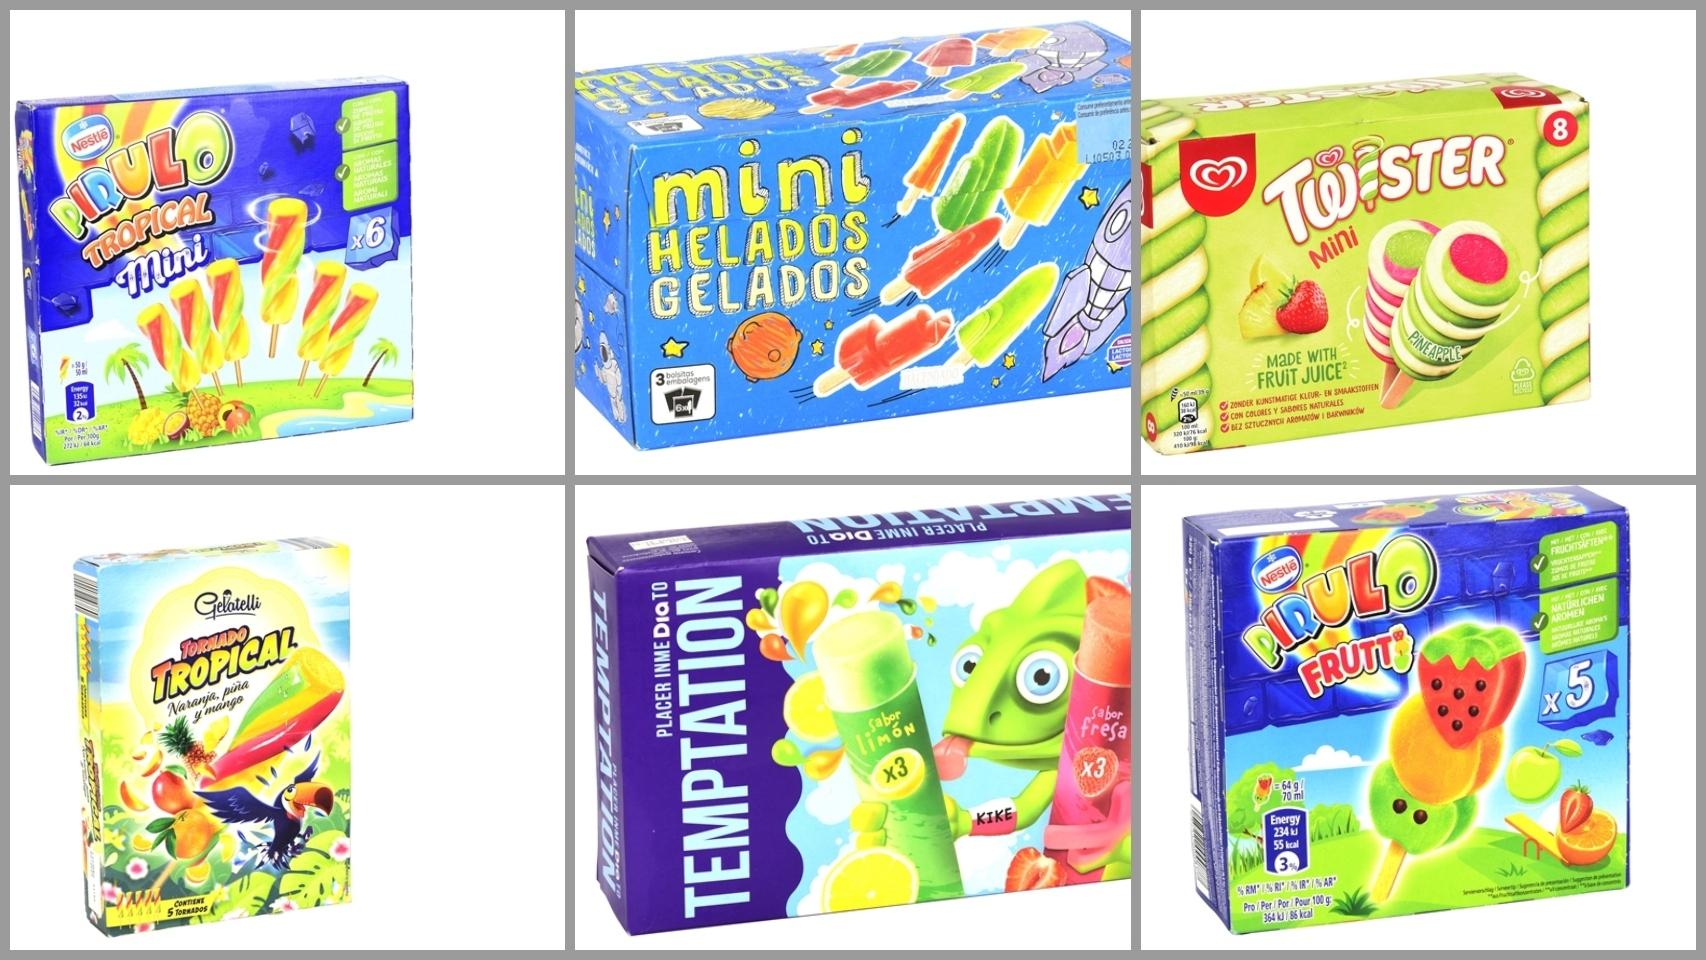 Los 12 mejores helados para niños, según la OCU: desde 0,98 euros